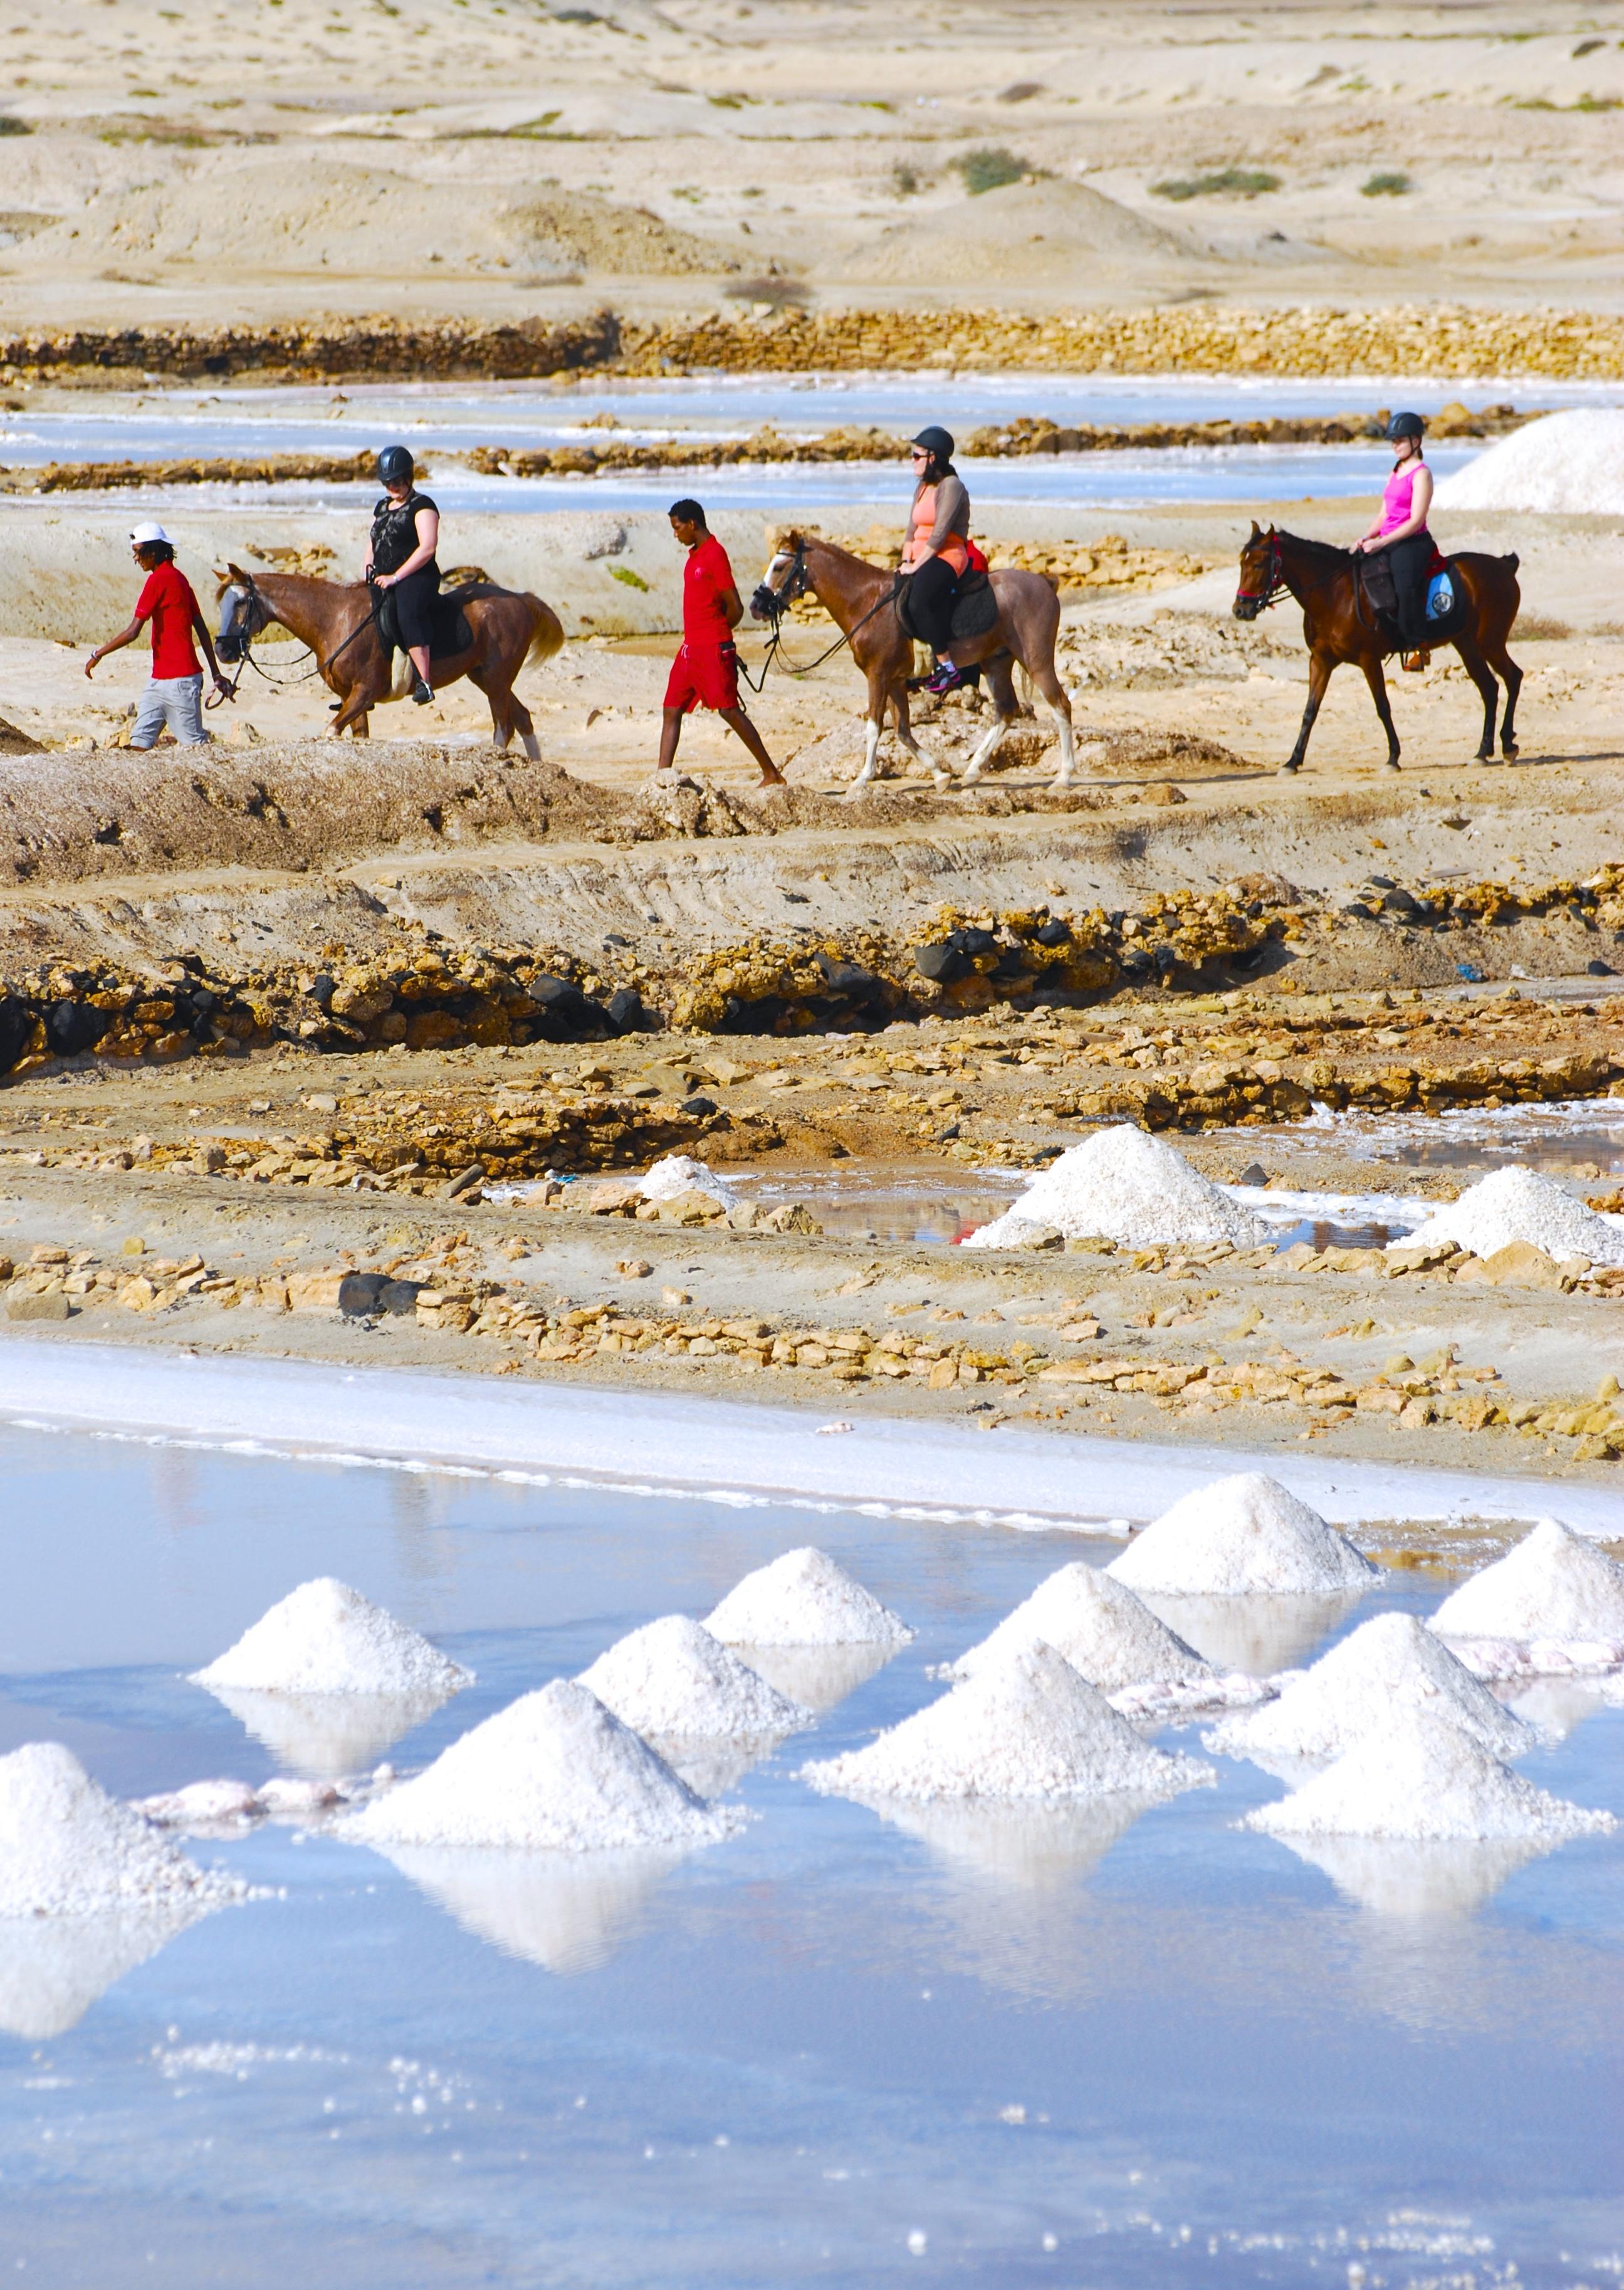 Riding at the Salt Flats